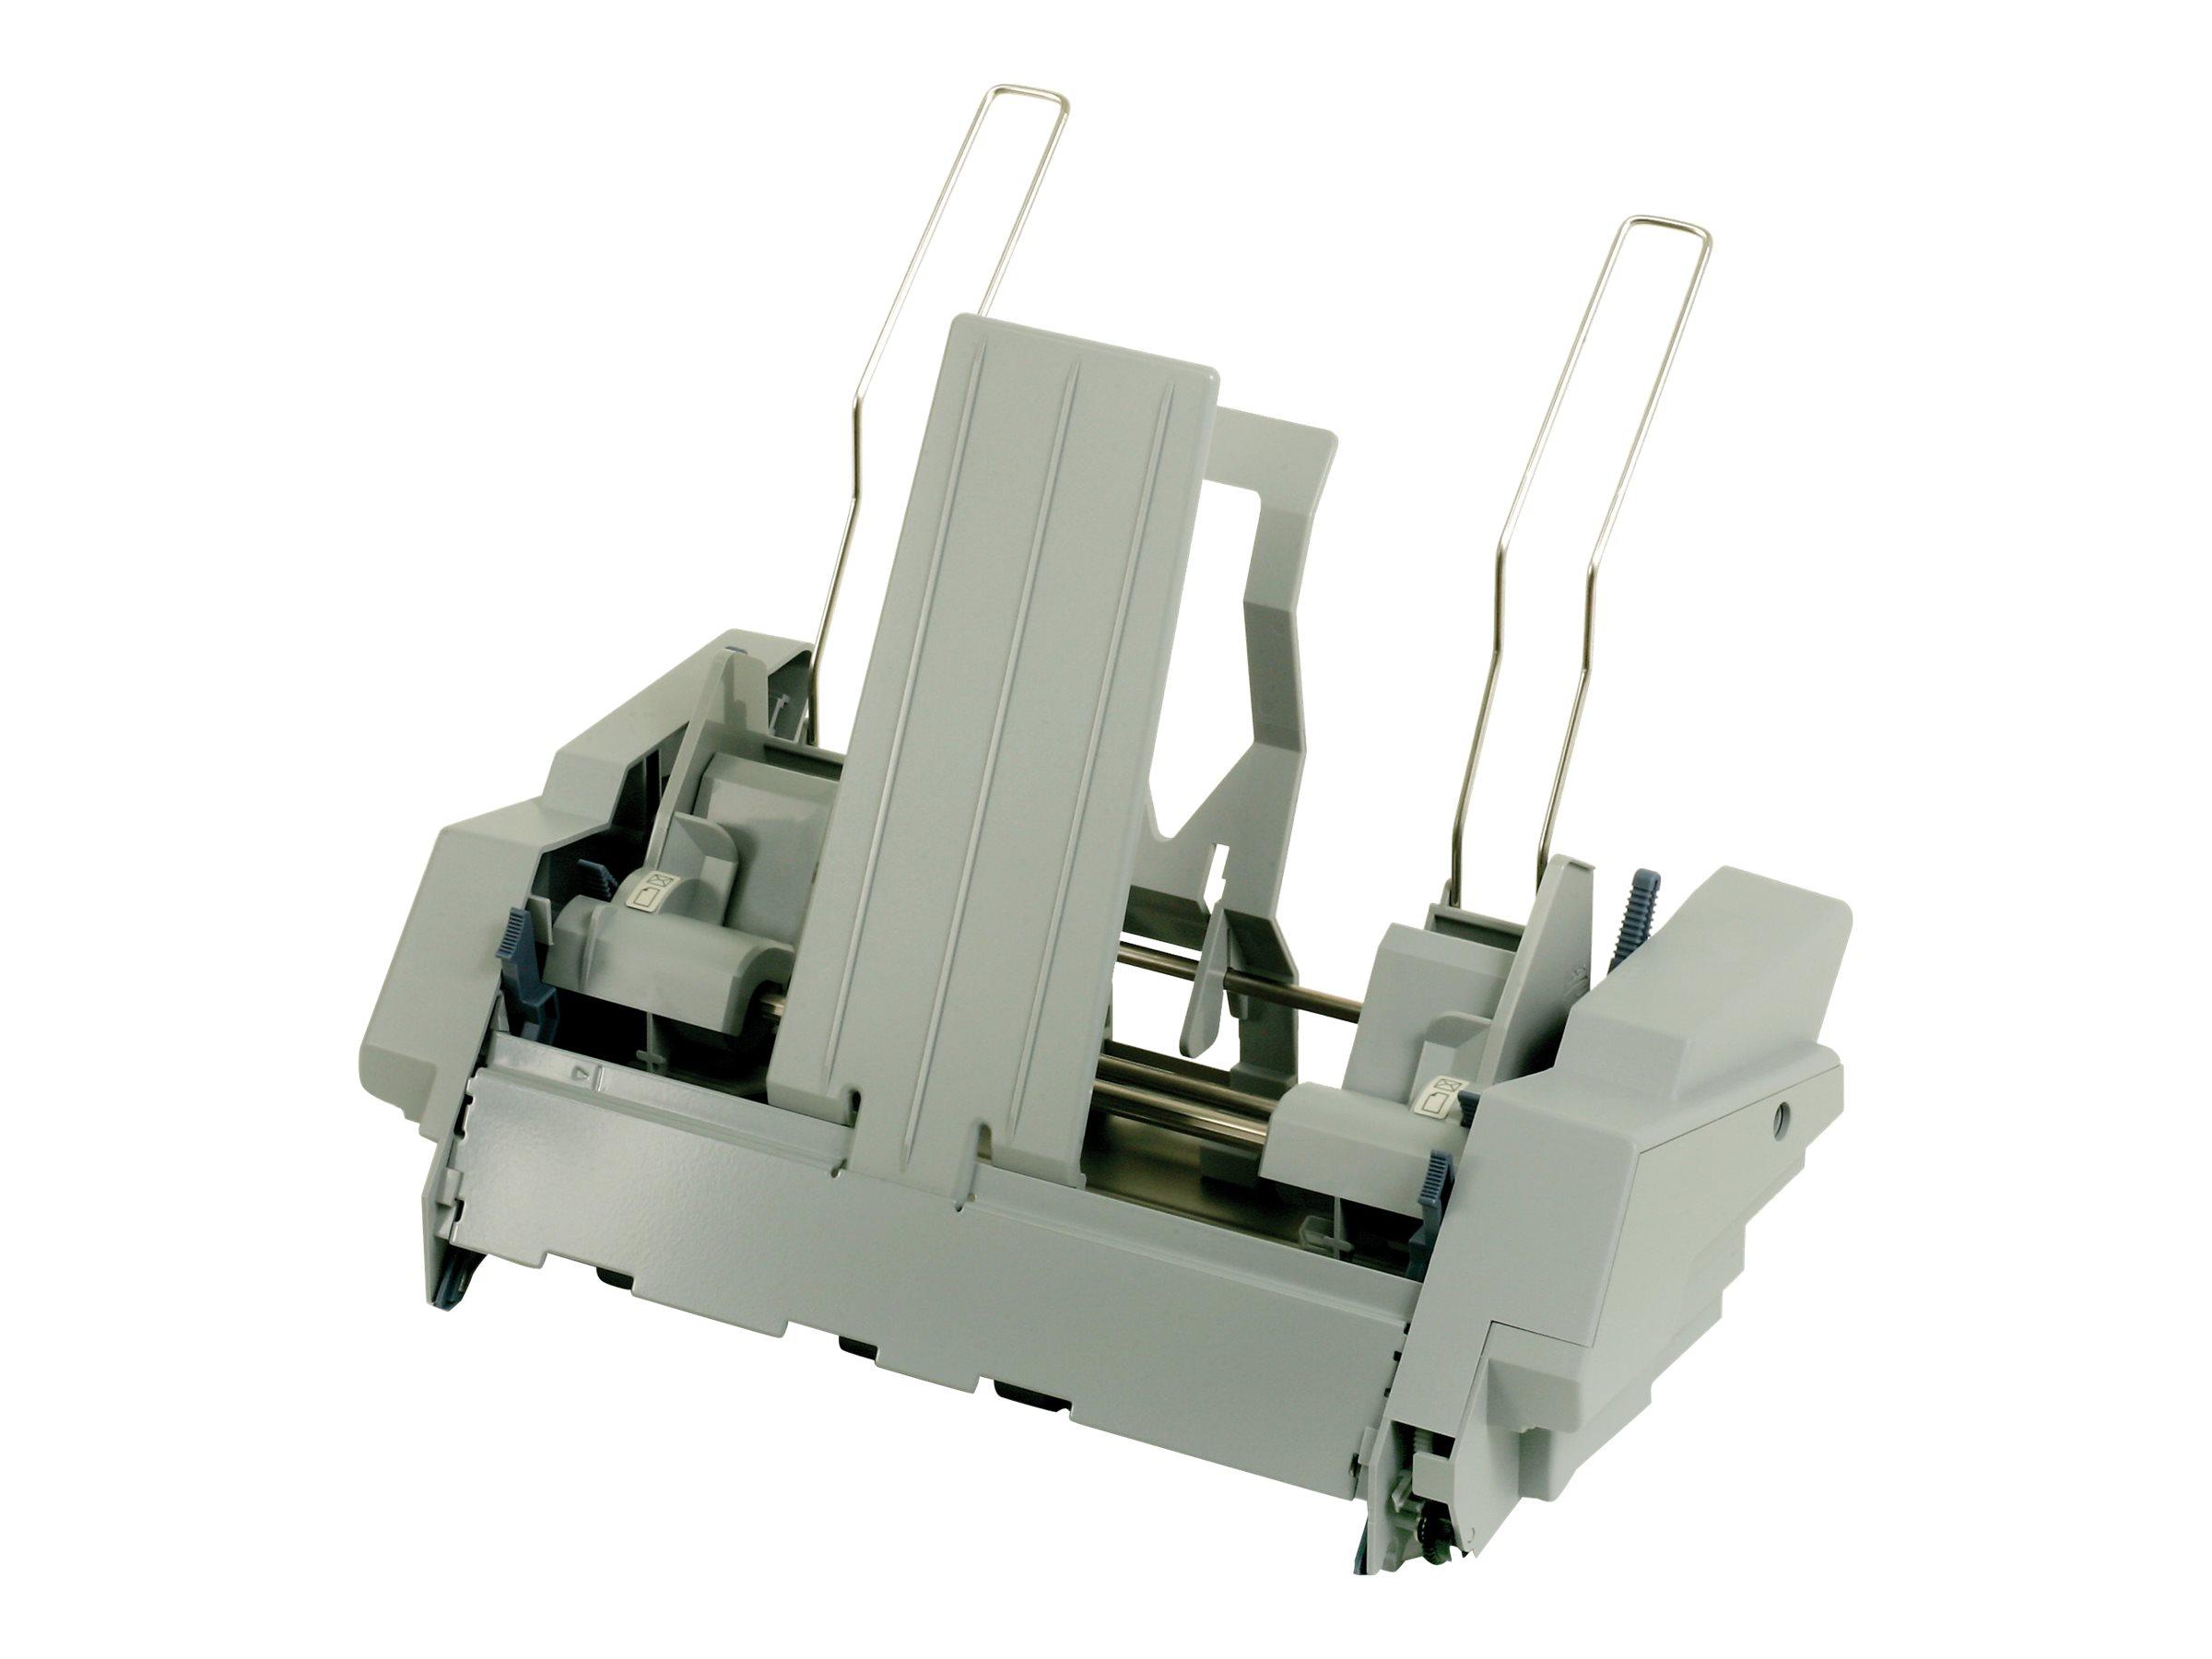 Epson - Medienfach / Zuführung - 150 Blätter - für FX 1180+, 880, 880+, 890, 890A, 890N; LQ 570, 570+, 580, 590, 870